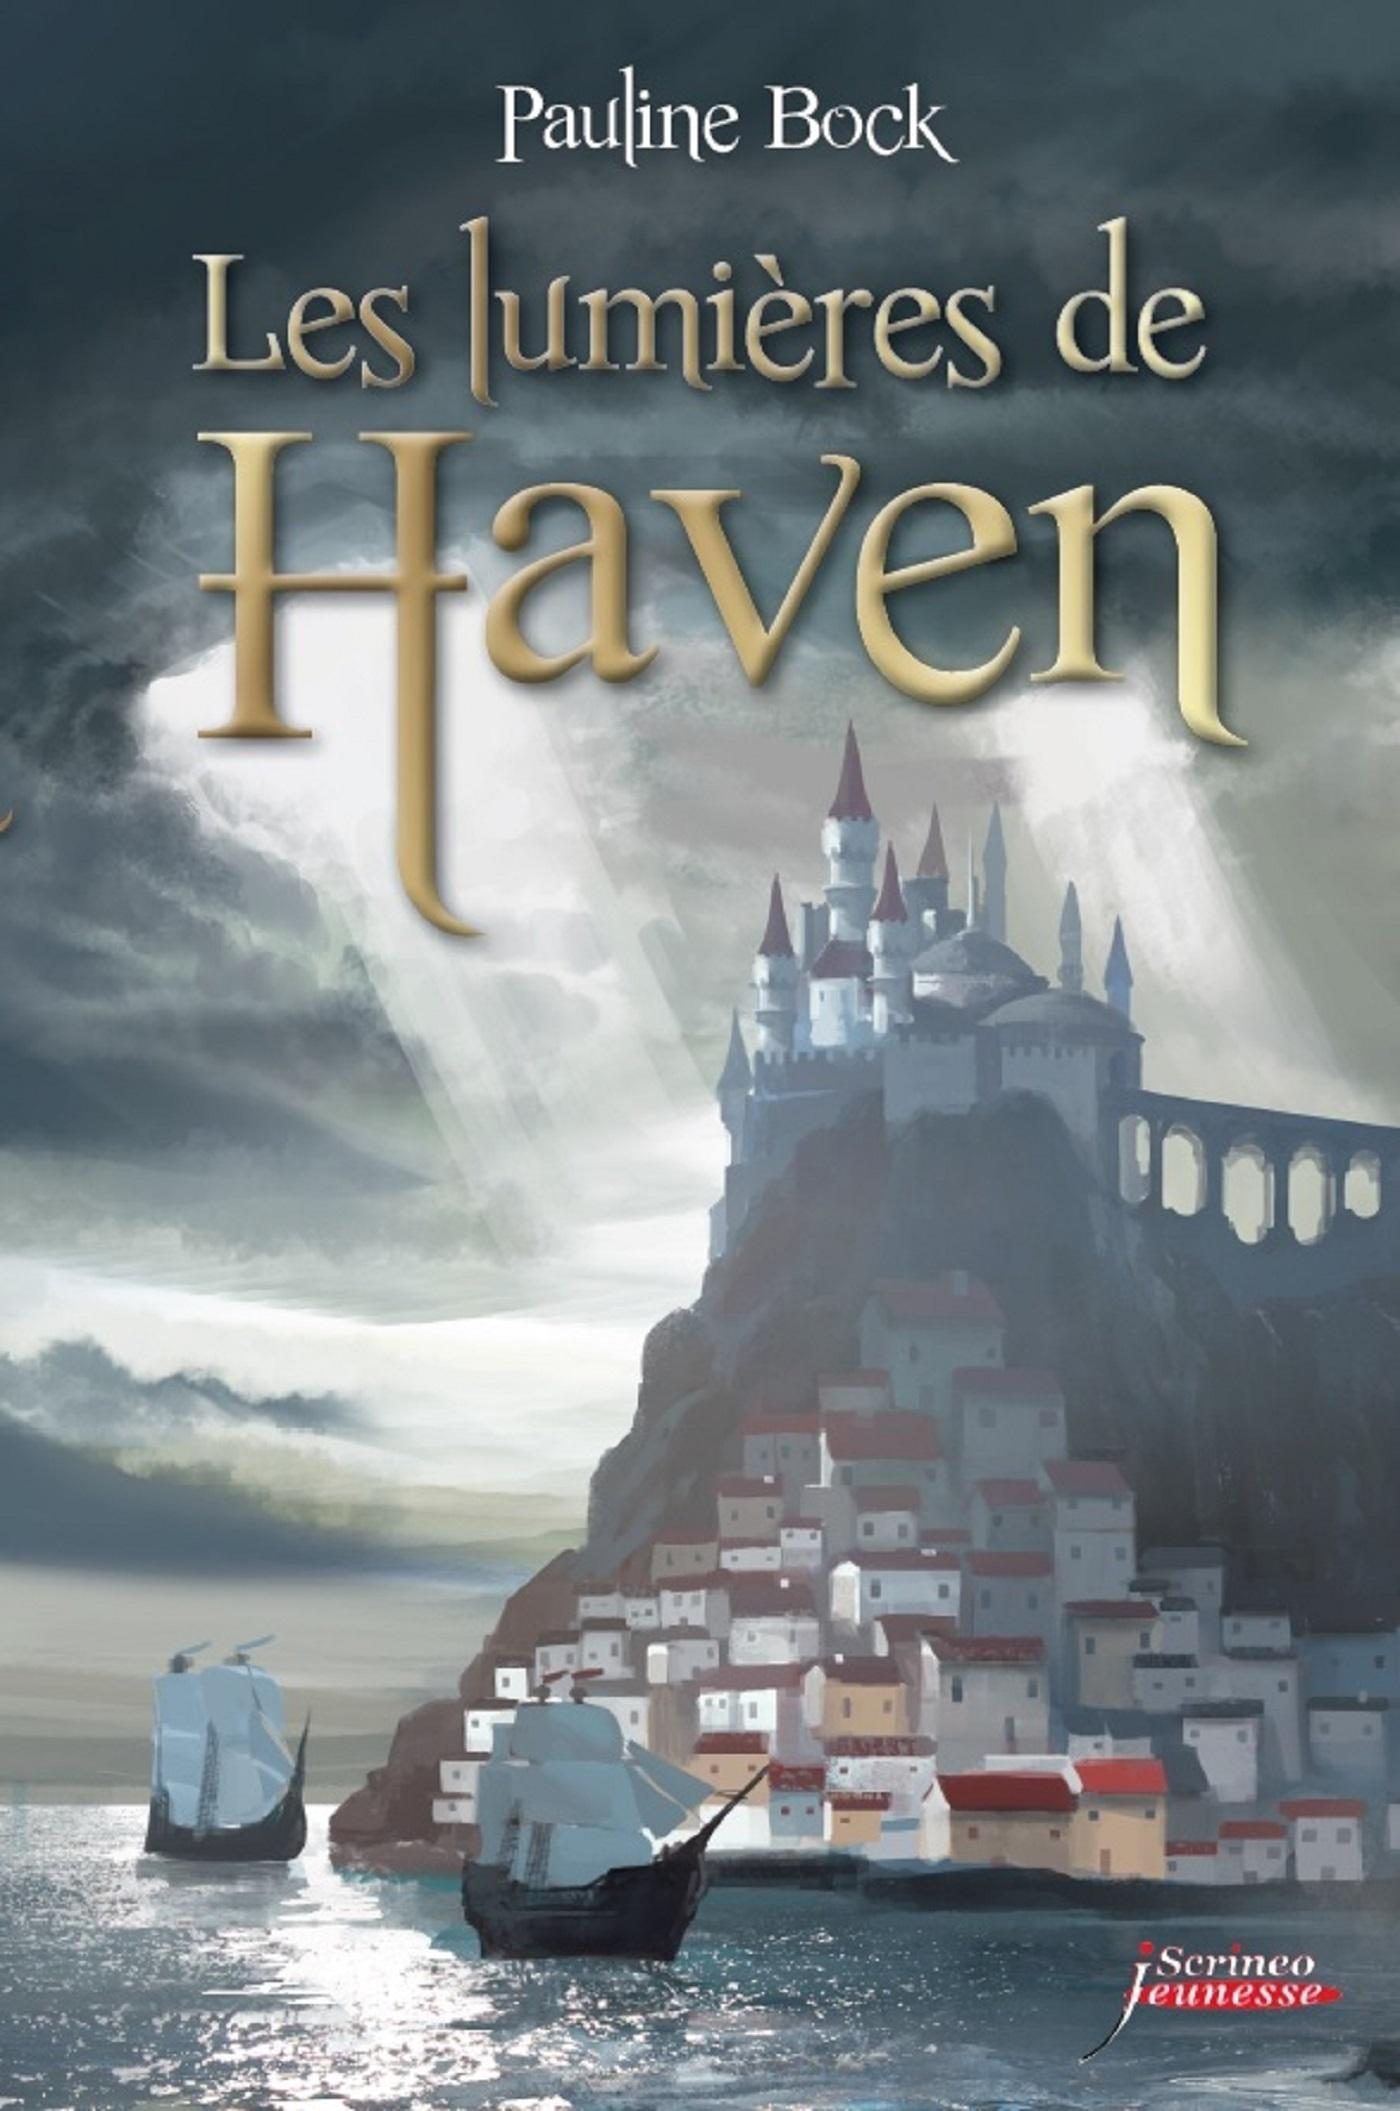 Les lumières de Haven